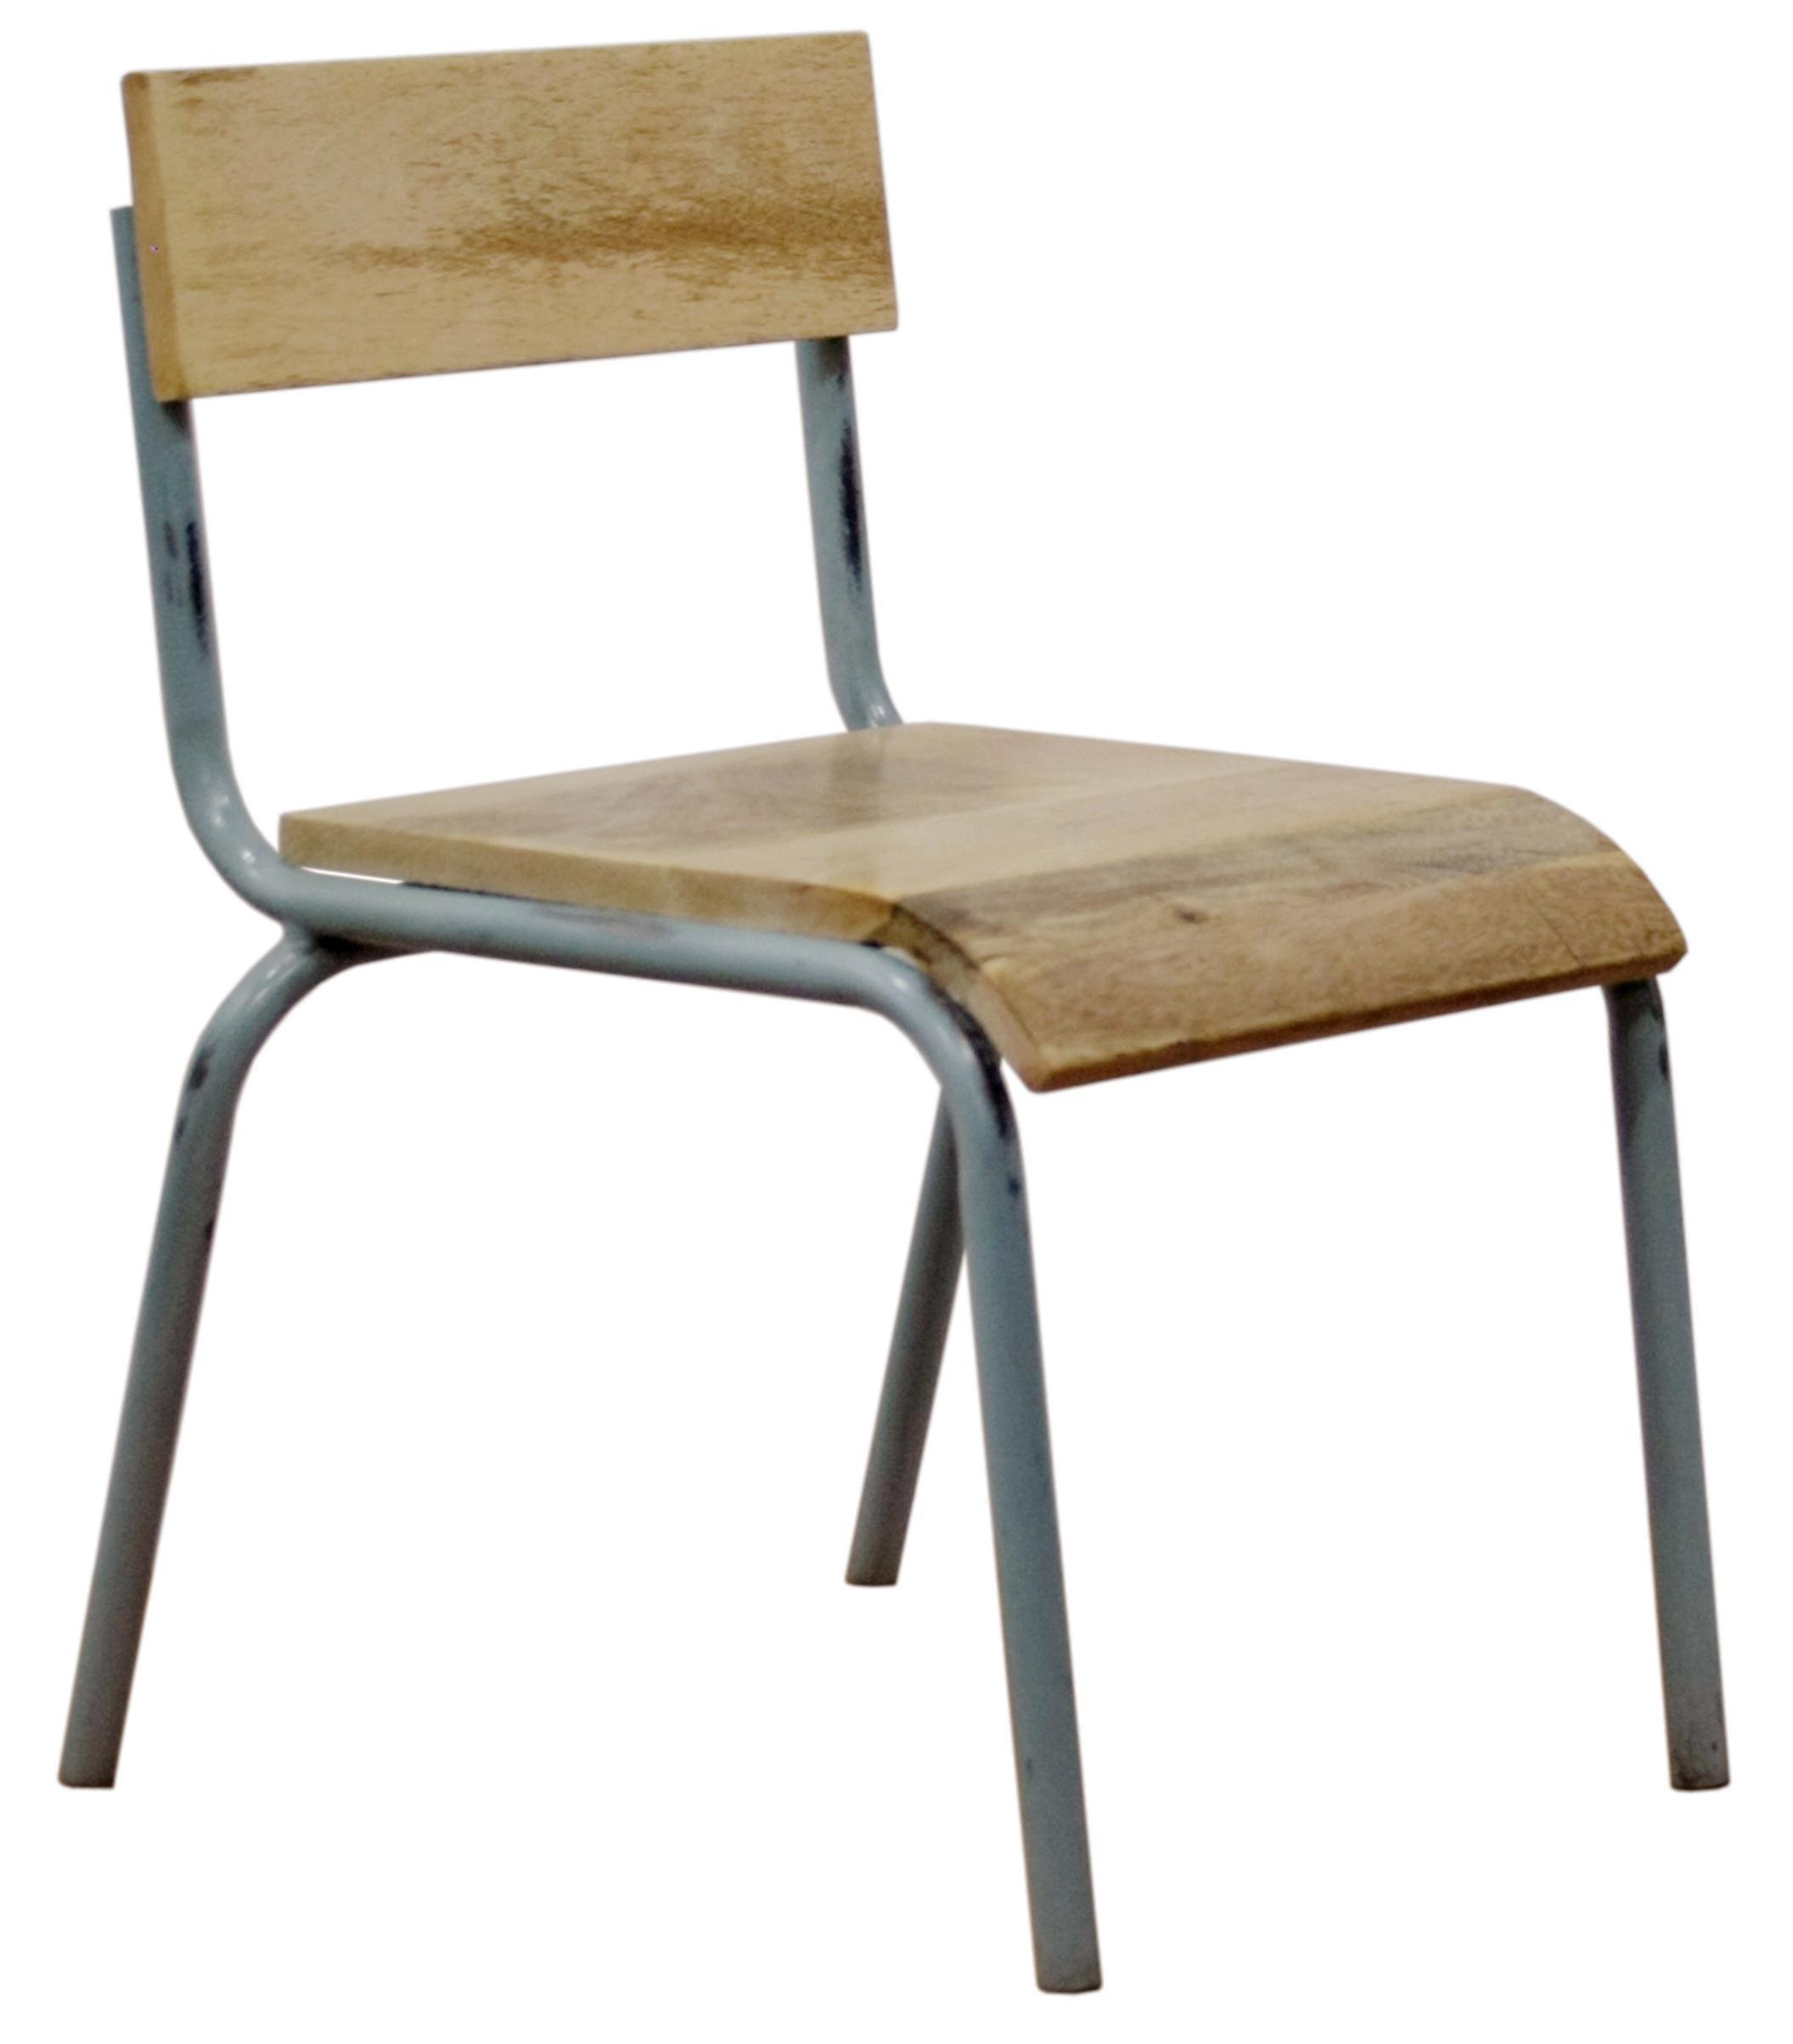 kidsdepot kinderstuhl holz metall grau tisch und stuhl im kinderlampenland. Black Bedroom Furniture Sets. Home Design Ideas